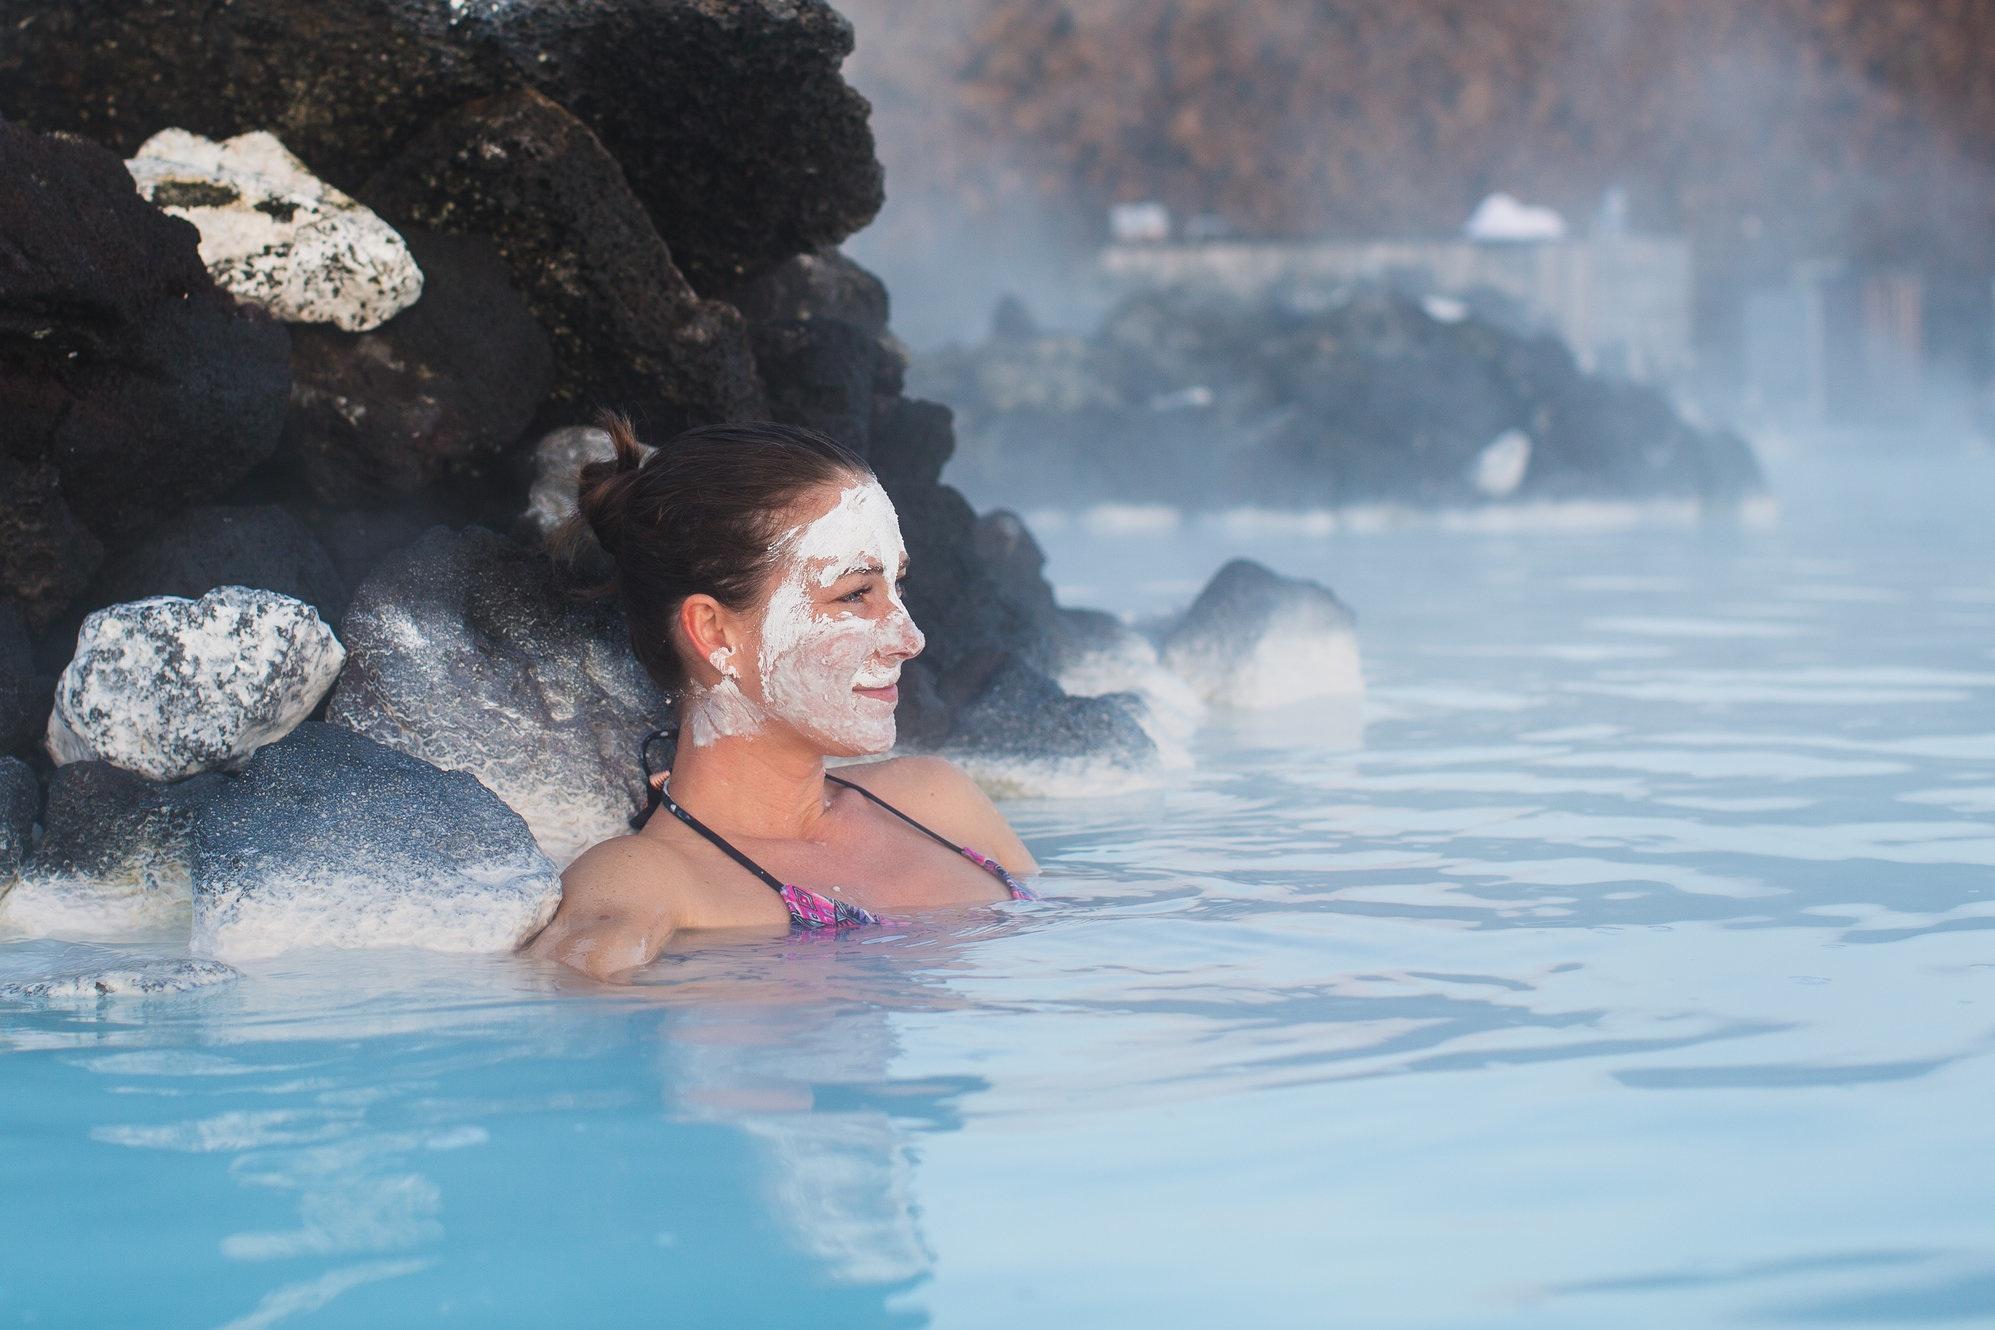 冰岛蓝湖温泉的天然热度与硅泥矿物将有效缓解肌肉紧张。